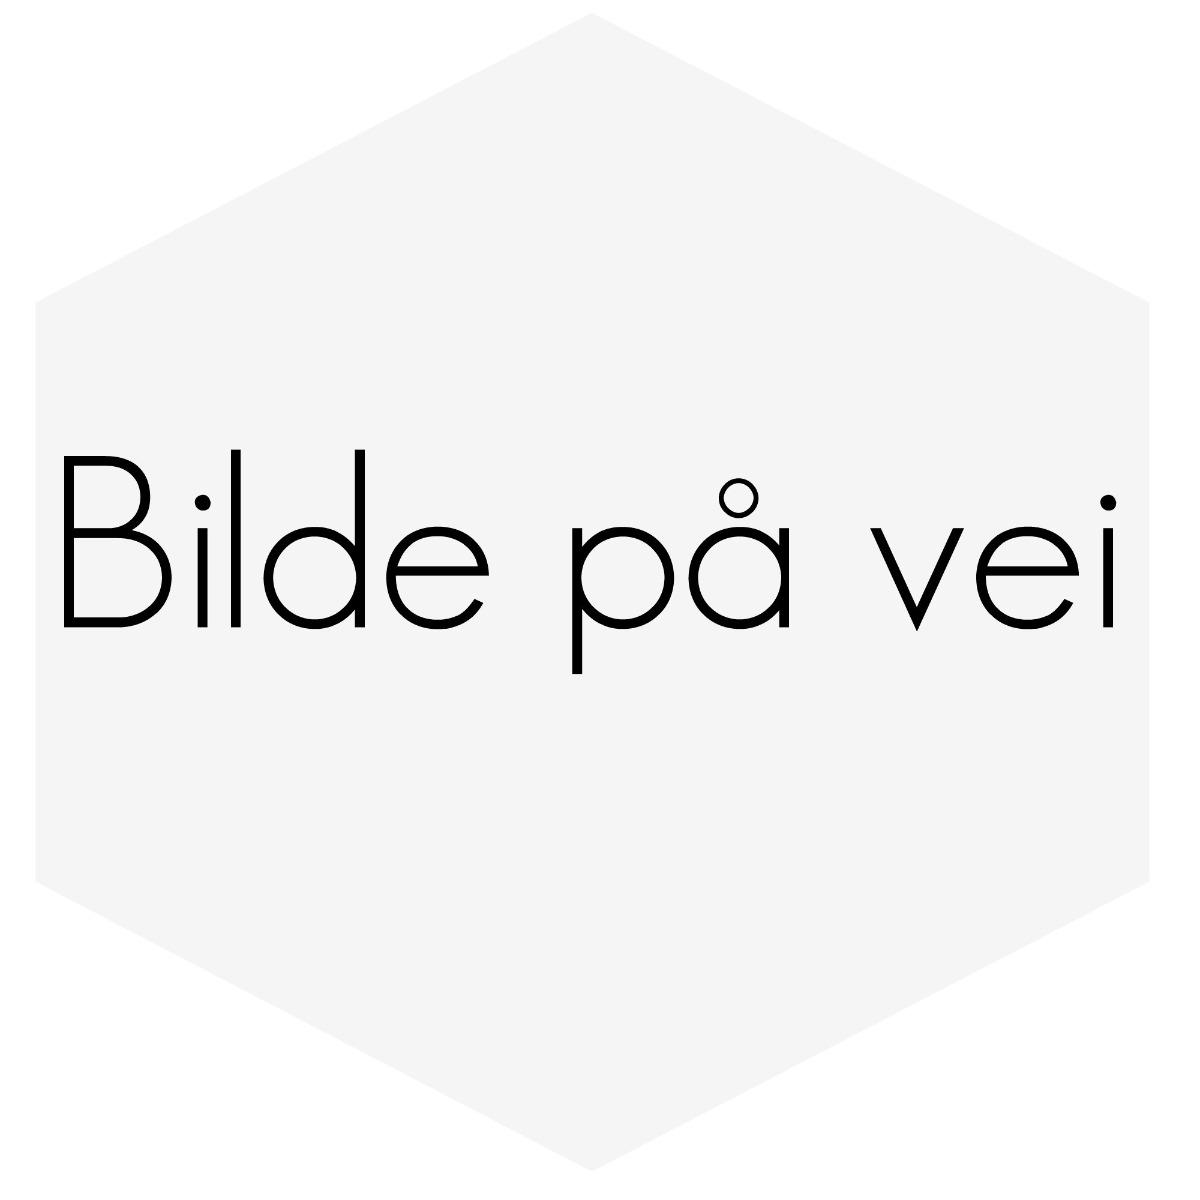 SILIKONSLANGE SVART FLEXIBEL GLATT 0,625'' (16MM)